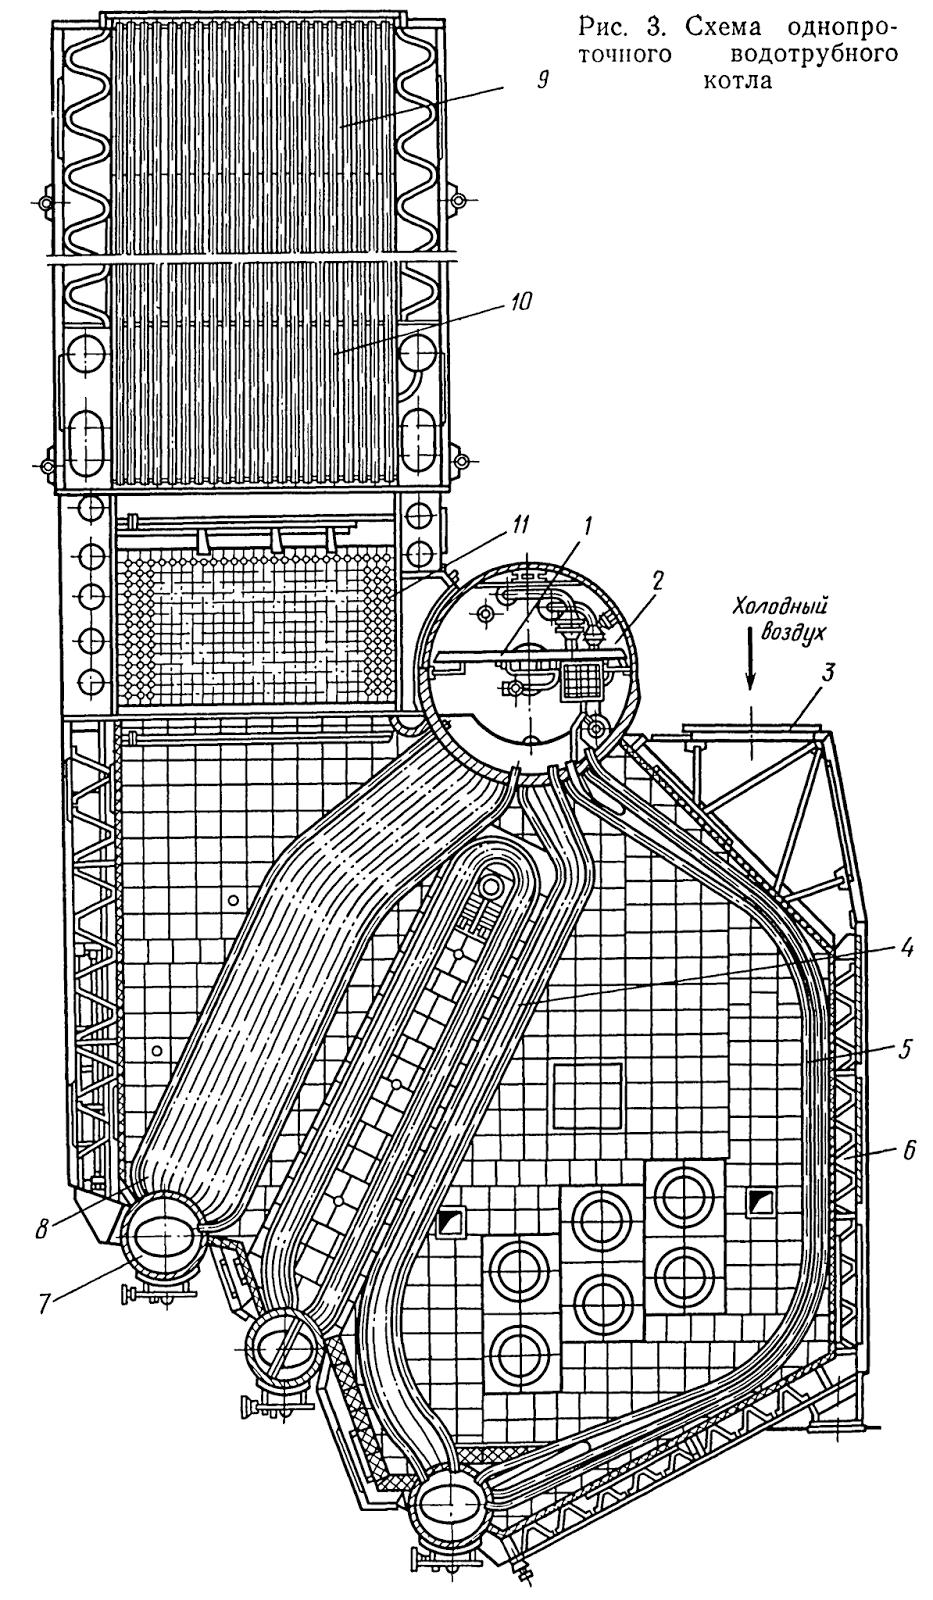 Схема конвективного пучка котла фото 208